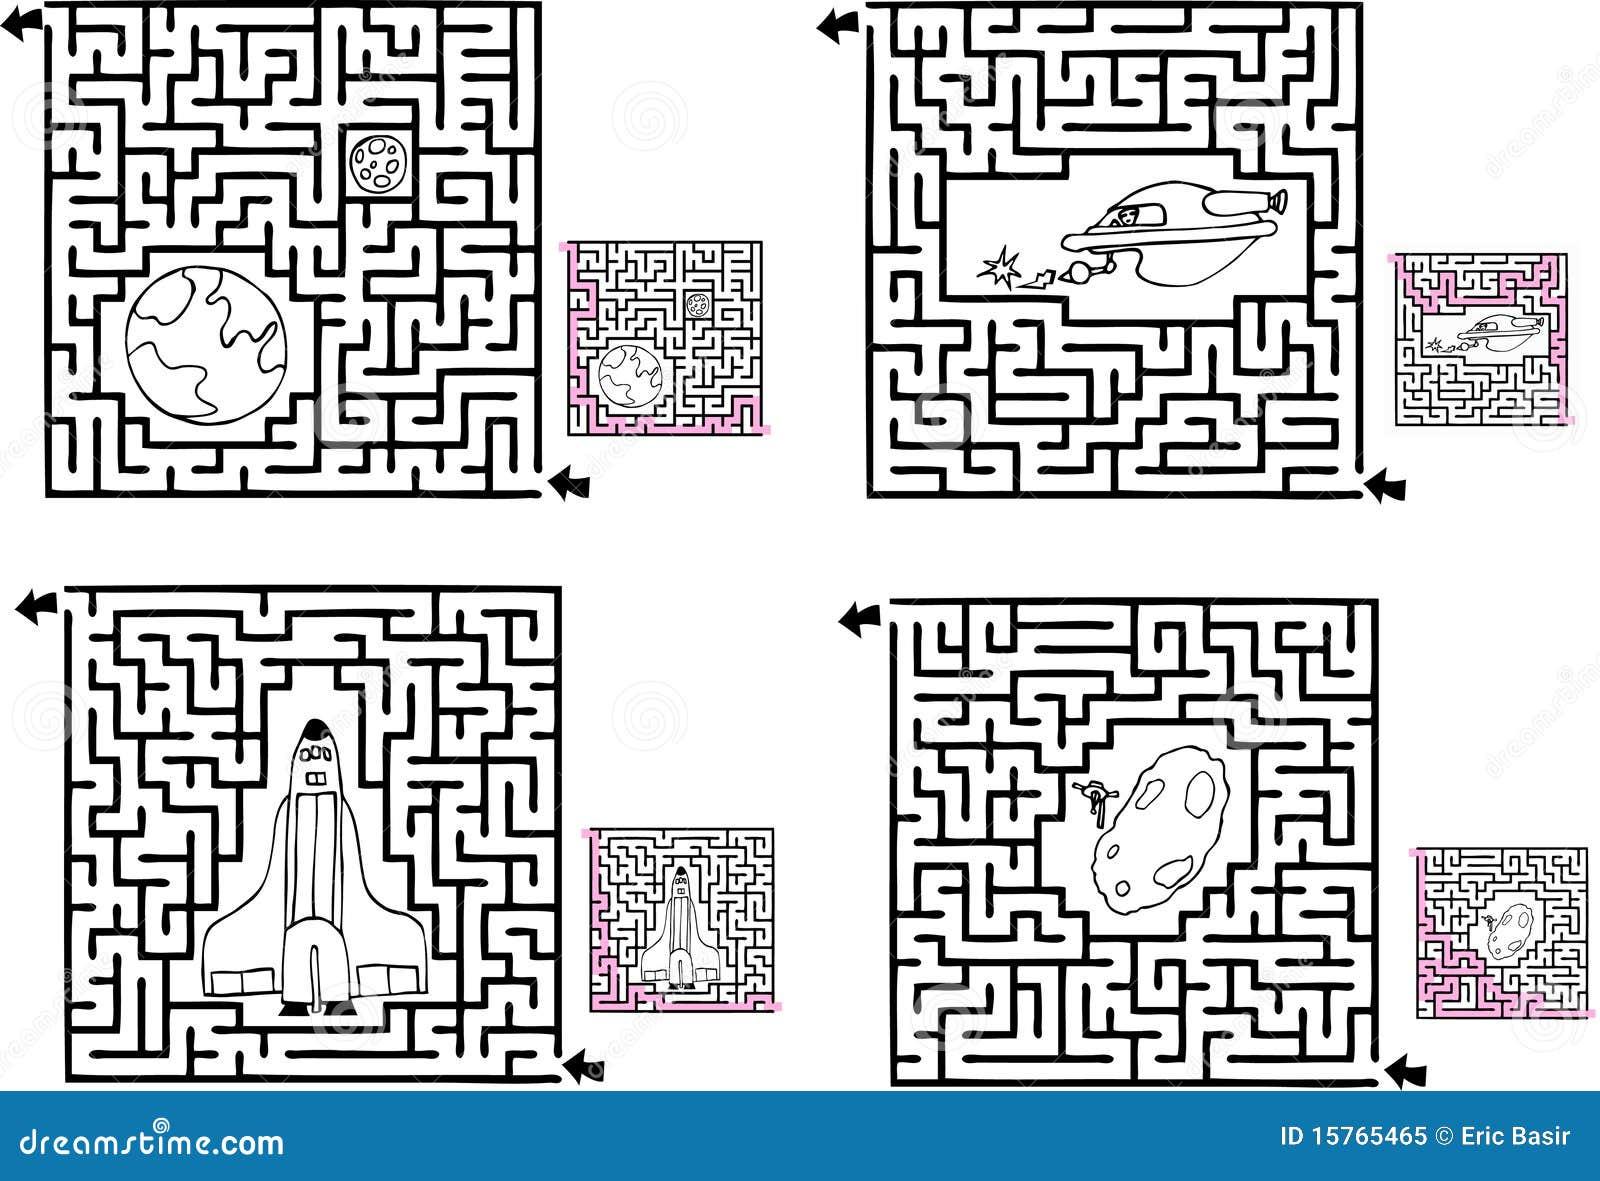 Four Fun Space Mazes